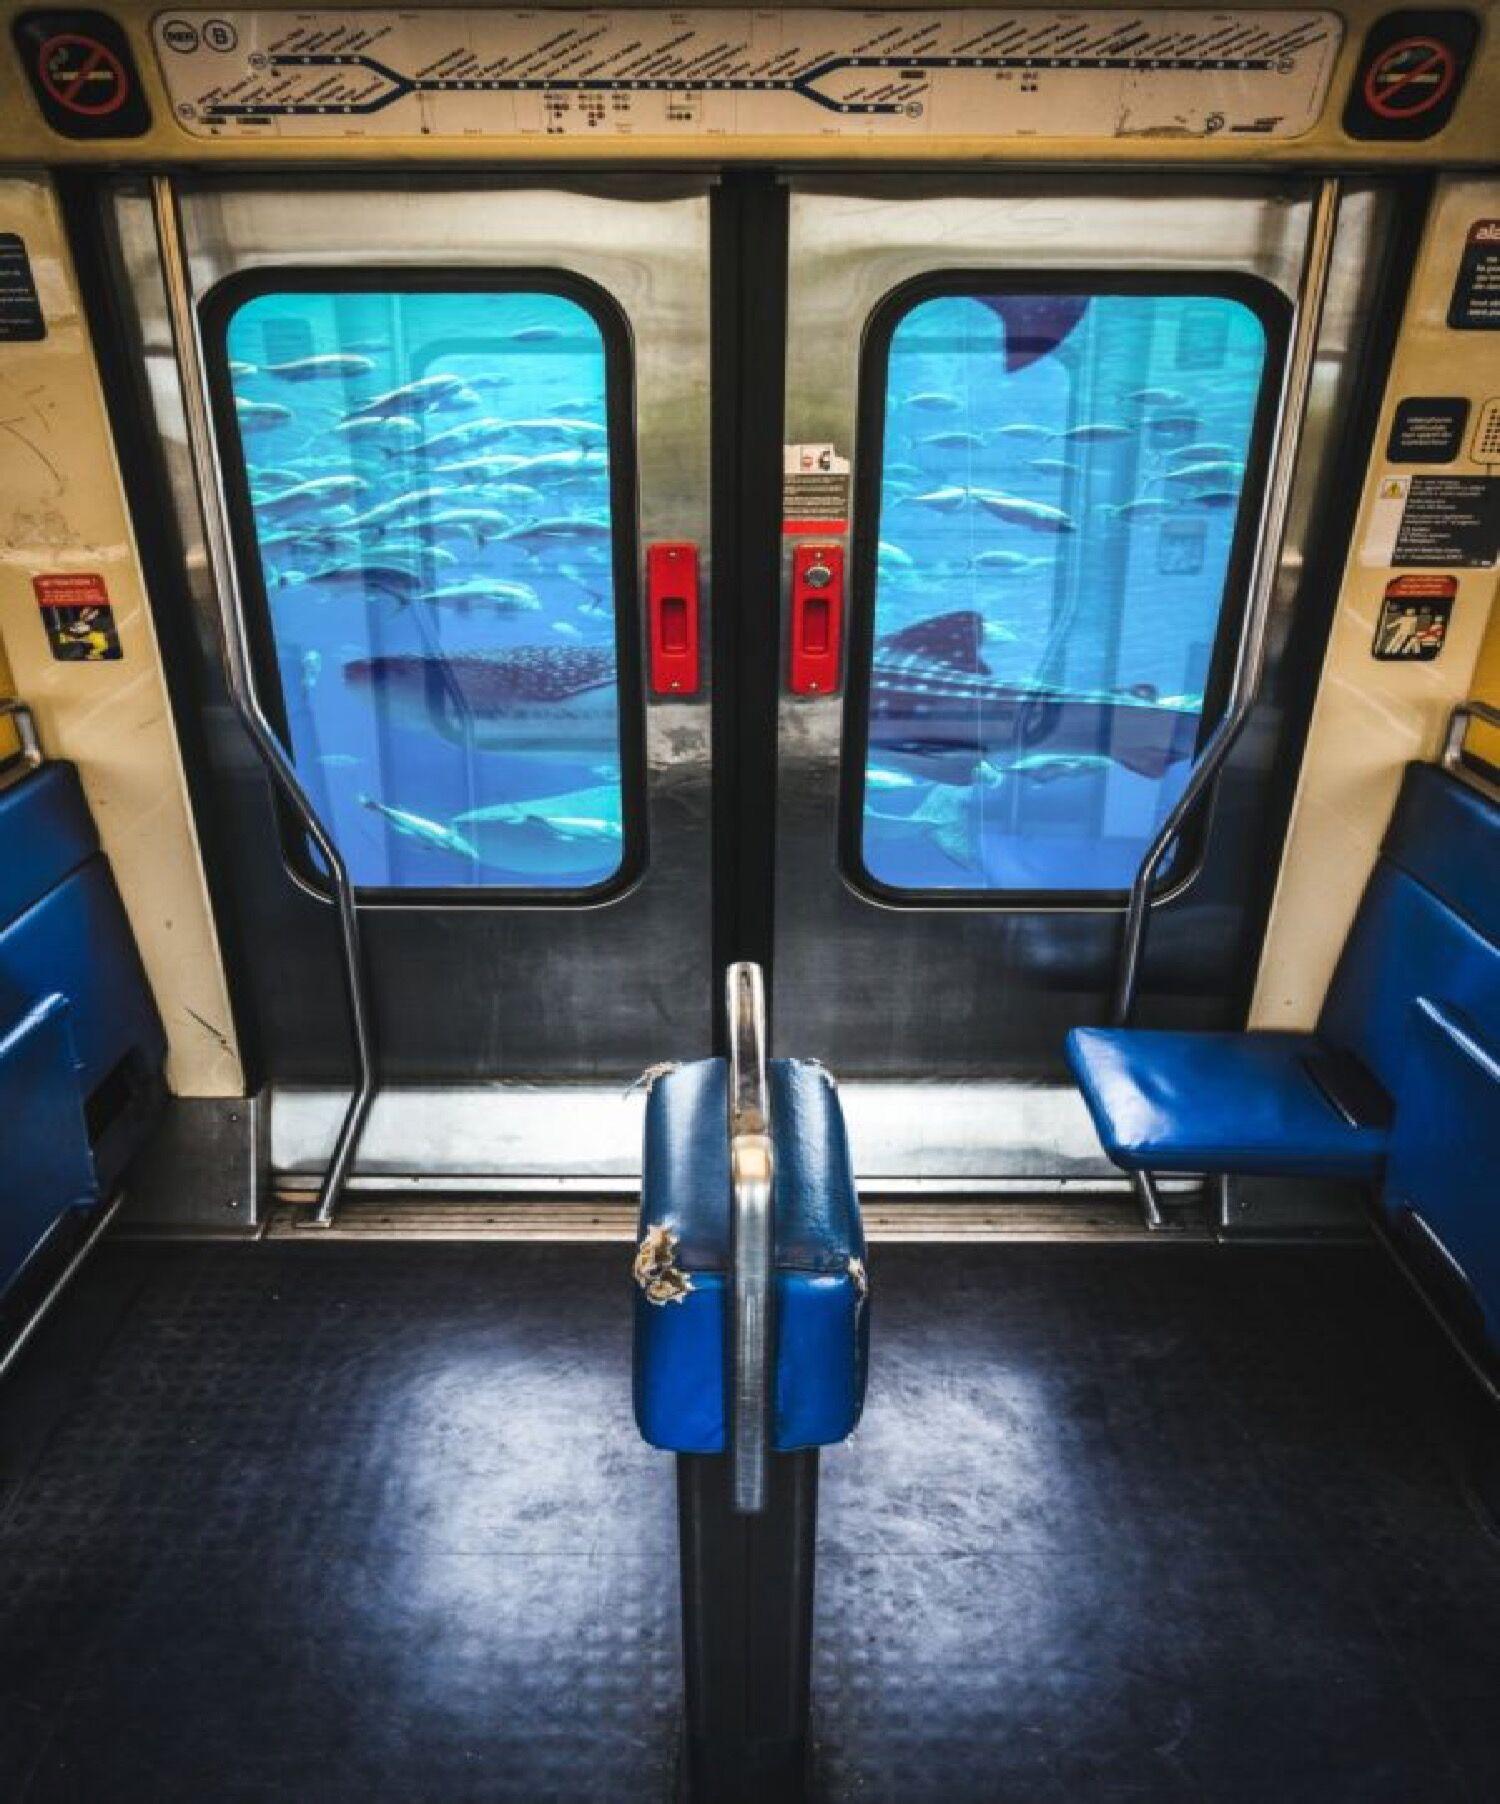 Pixopolitan RER BOCAL - Photo de Mathieu Alemany 40x60 cm